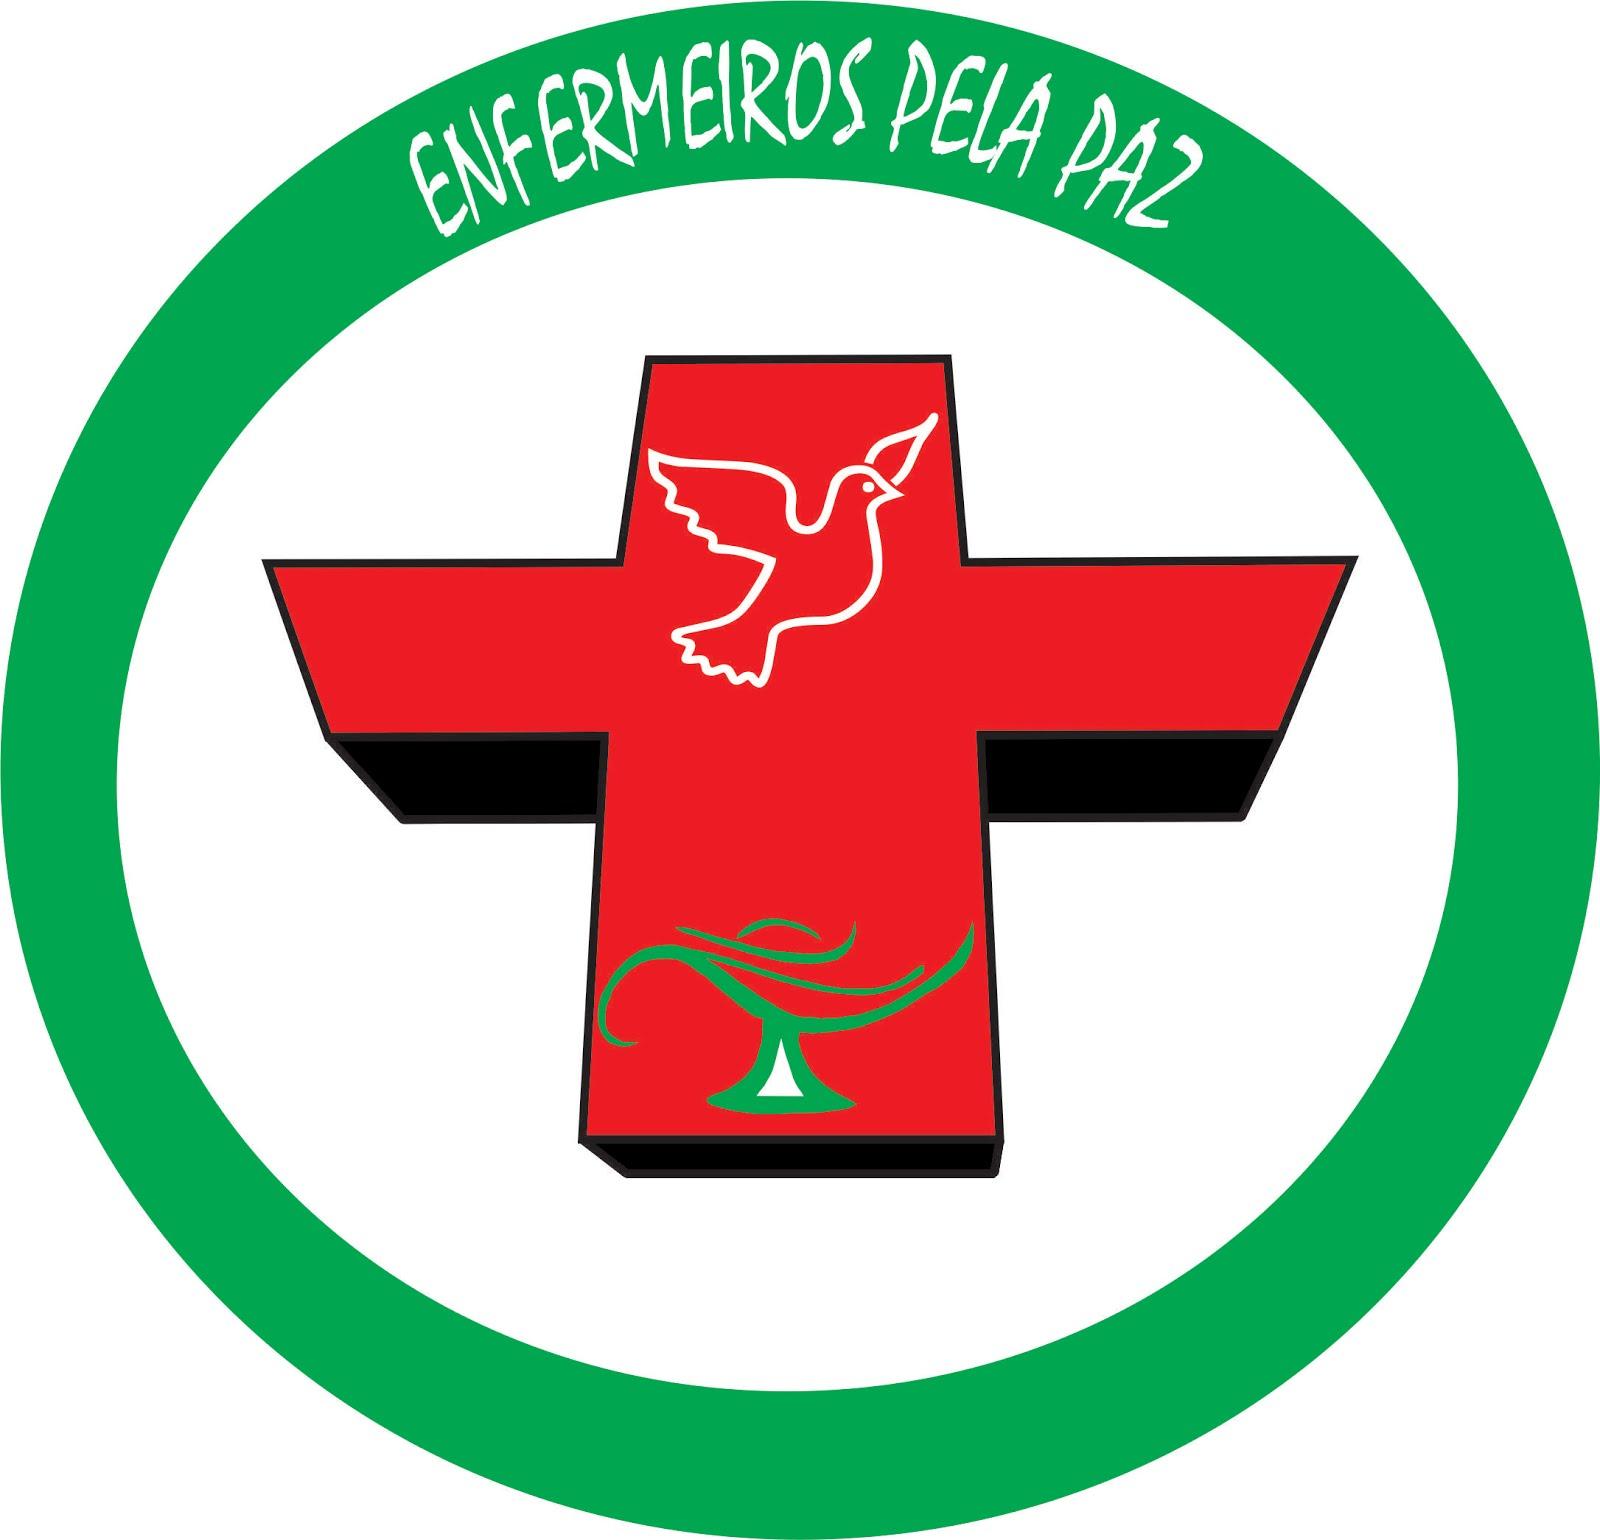 ENFERMEIROS PELA PAZ